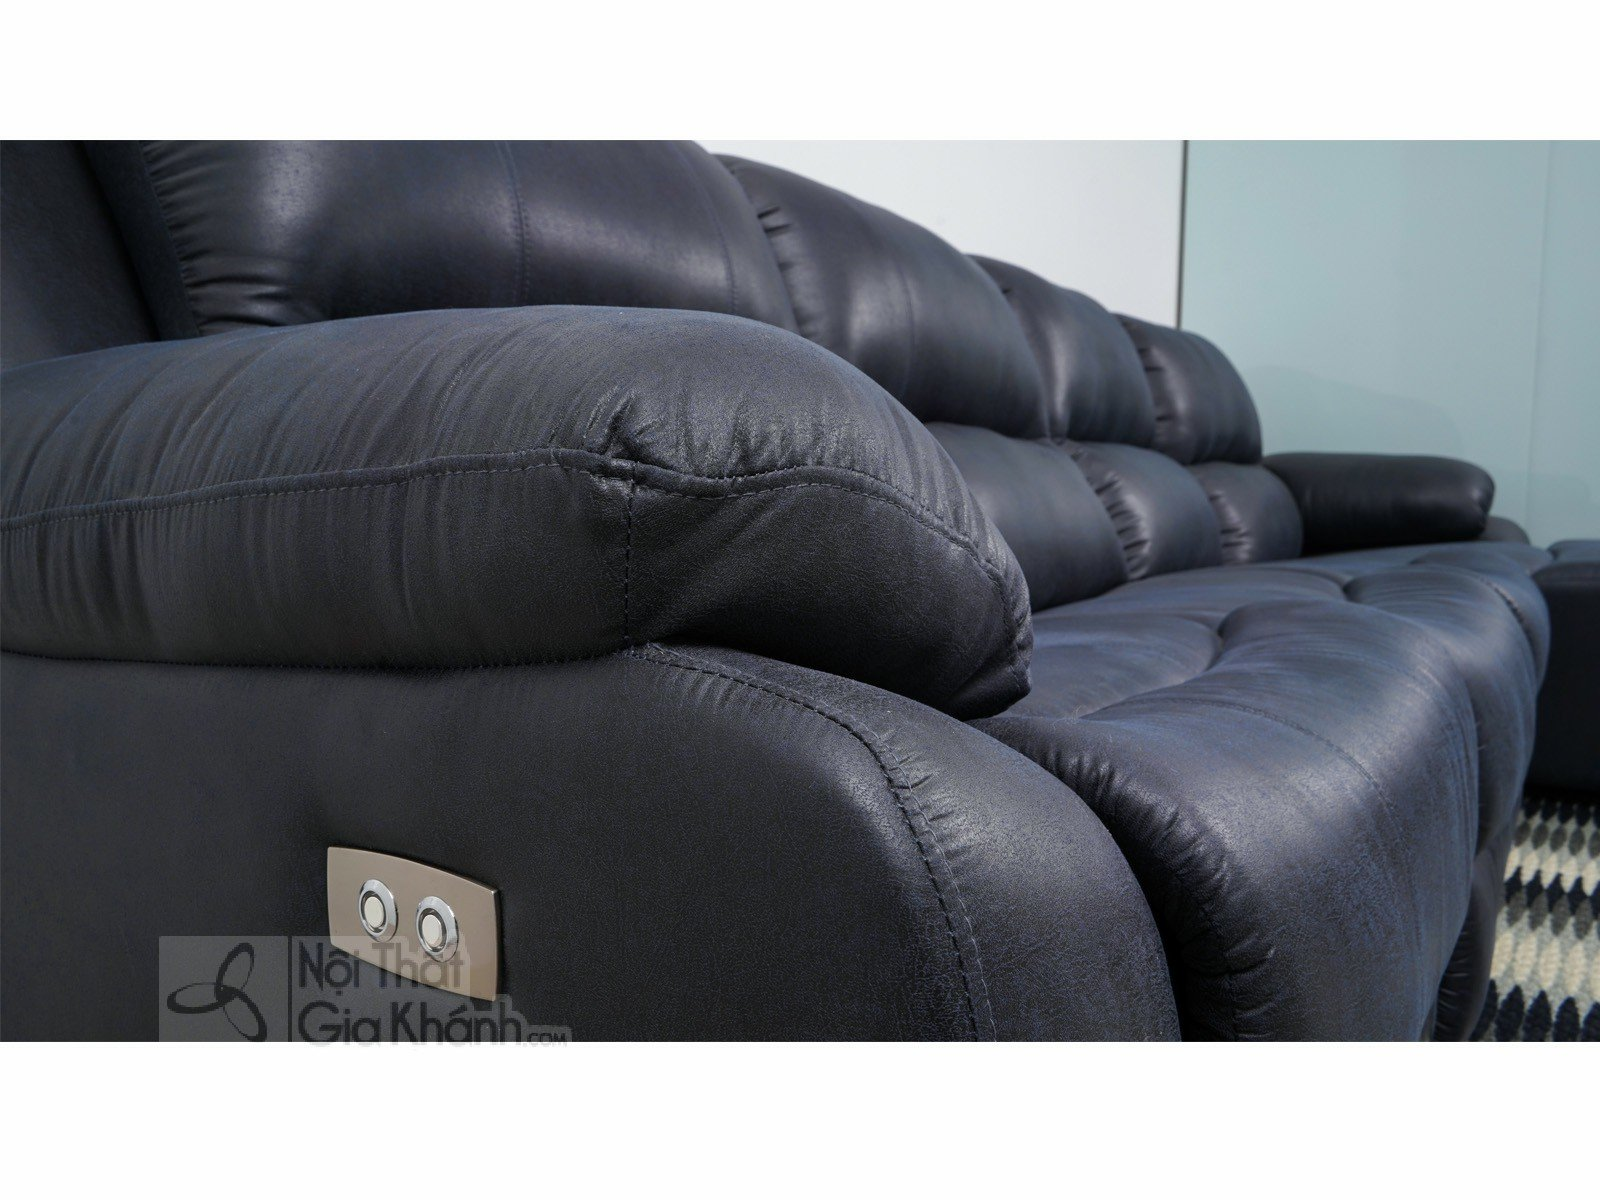 SOFA 3 BĂNG GÓC TRÁI NỈ NANO CÓ GHẾ NÂNG THƯ GIÃN MR843SF - sofa hien dai MR843SF 3200x1800x1000 4